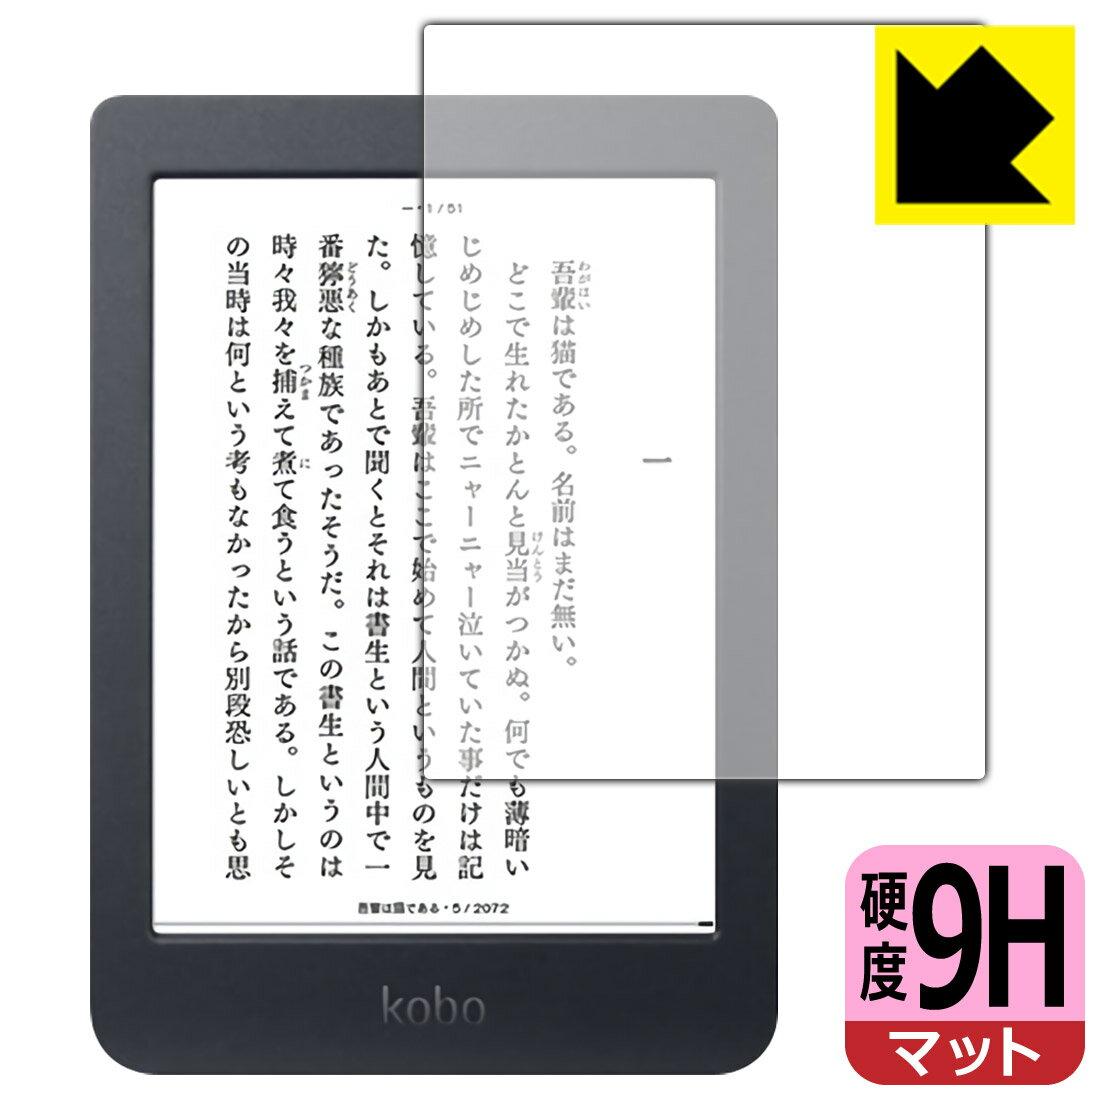 電子書籍リーダーアクセサリー, その他 9H Kobo Nia RCPsmtb-kd